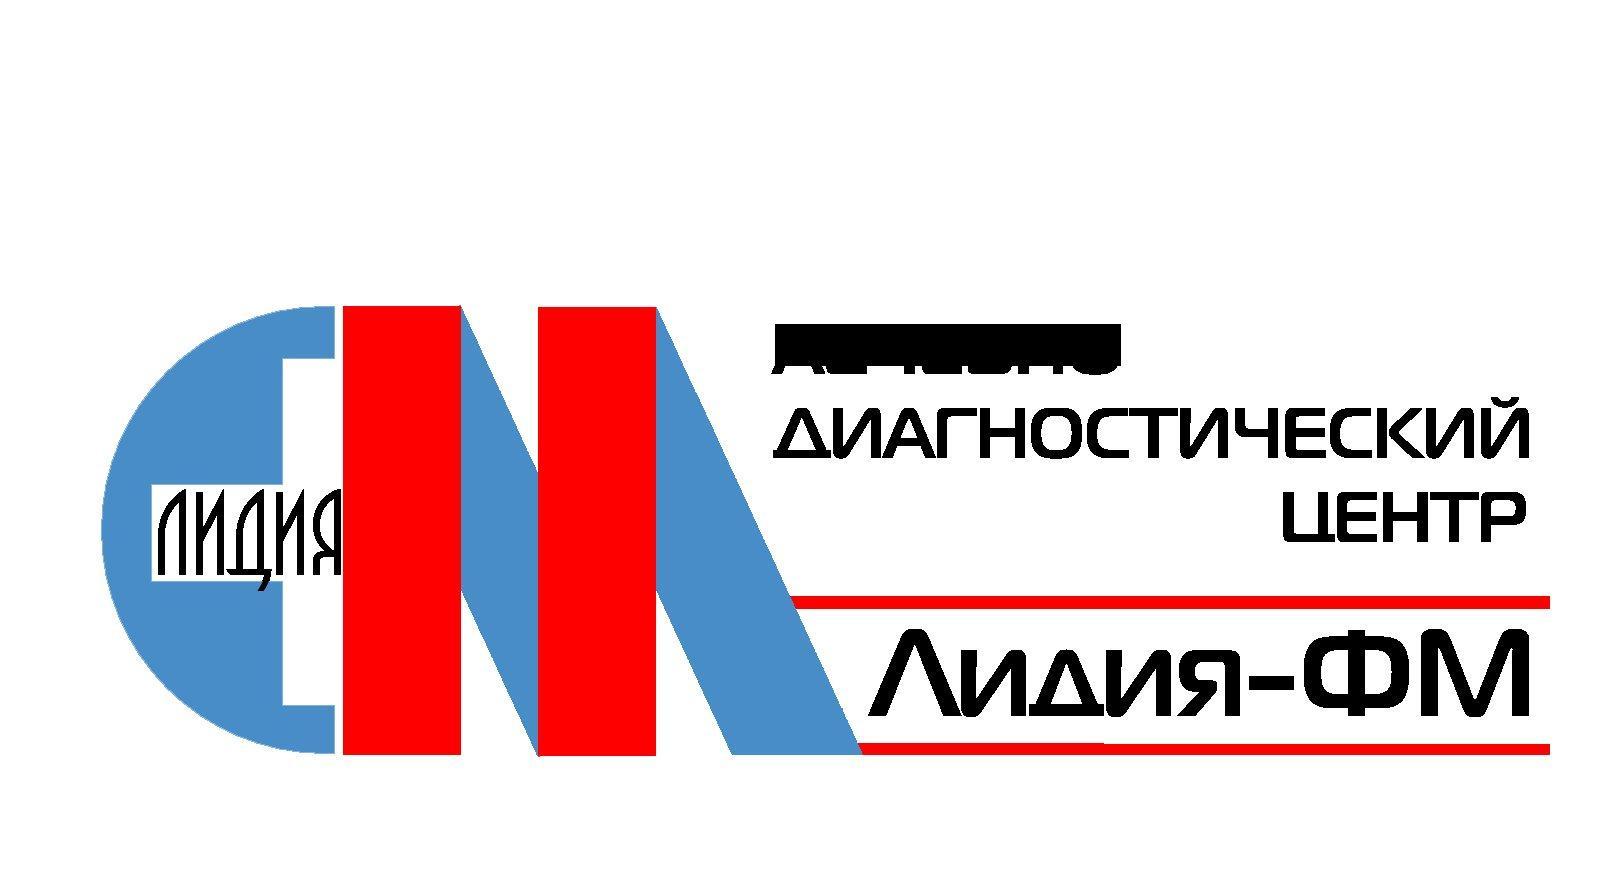 фотография Лечебно-диагностического центра Лидия-ФМ в Днепровском районе